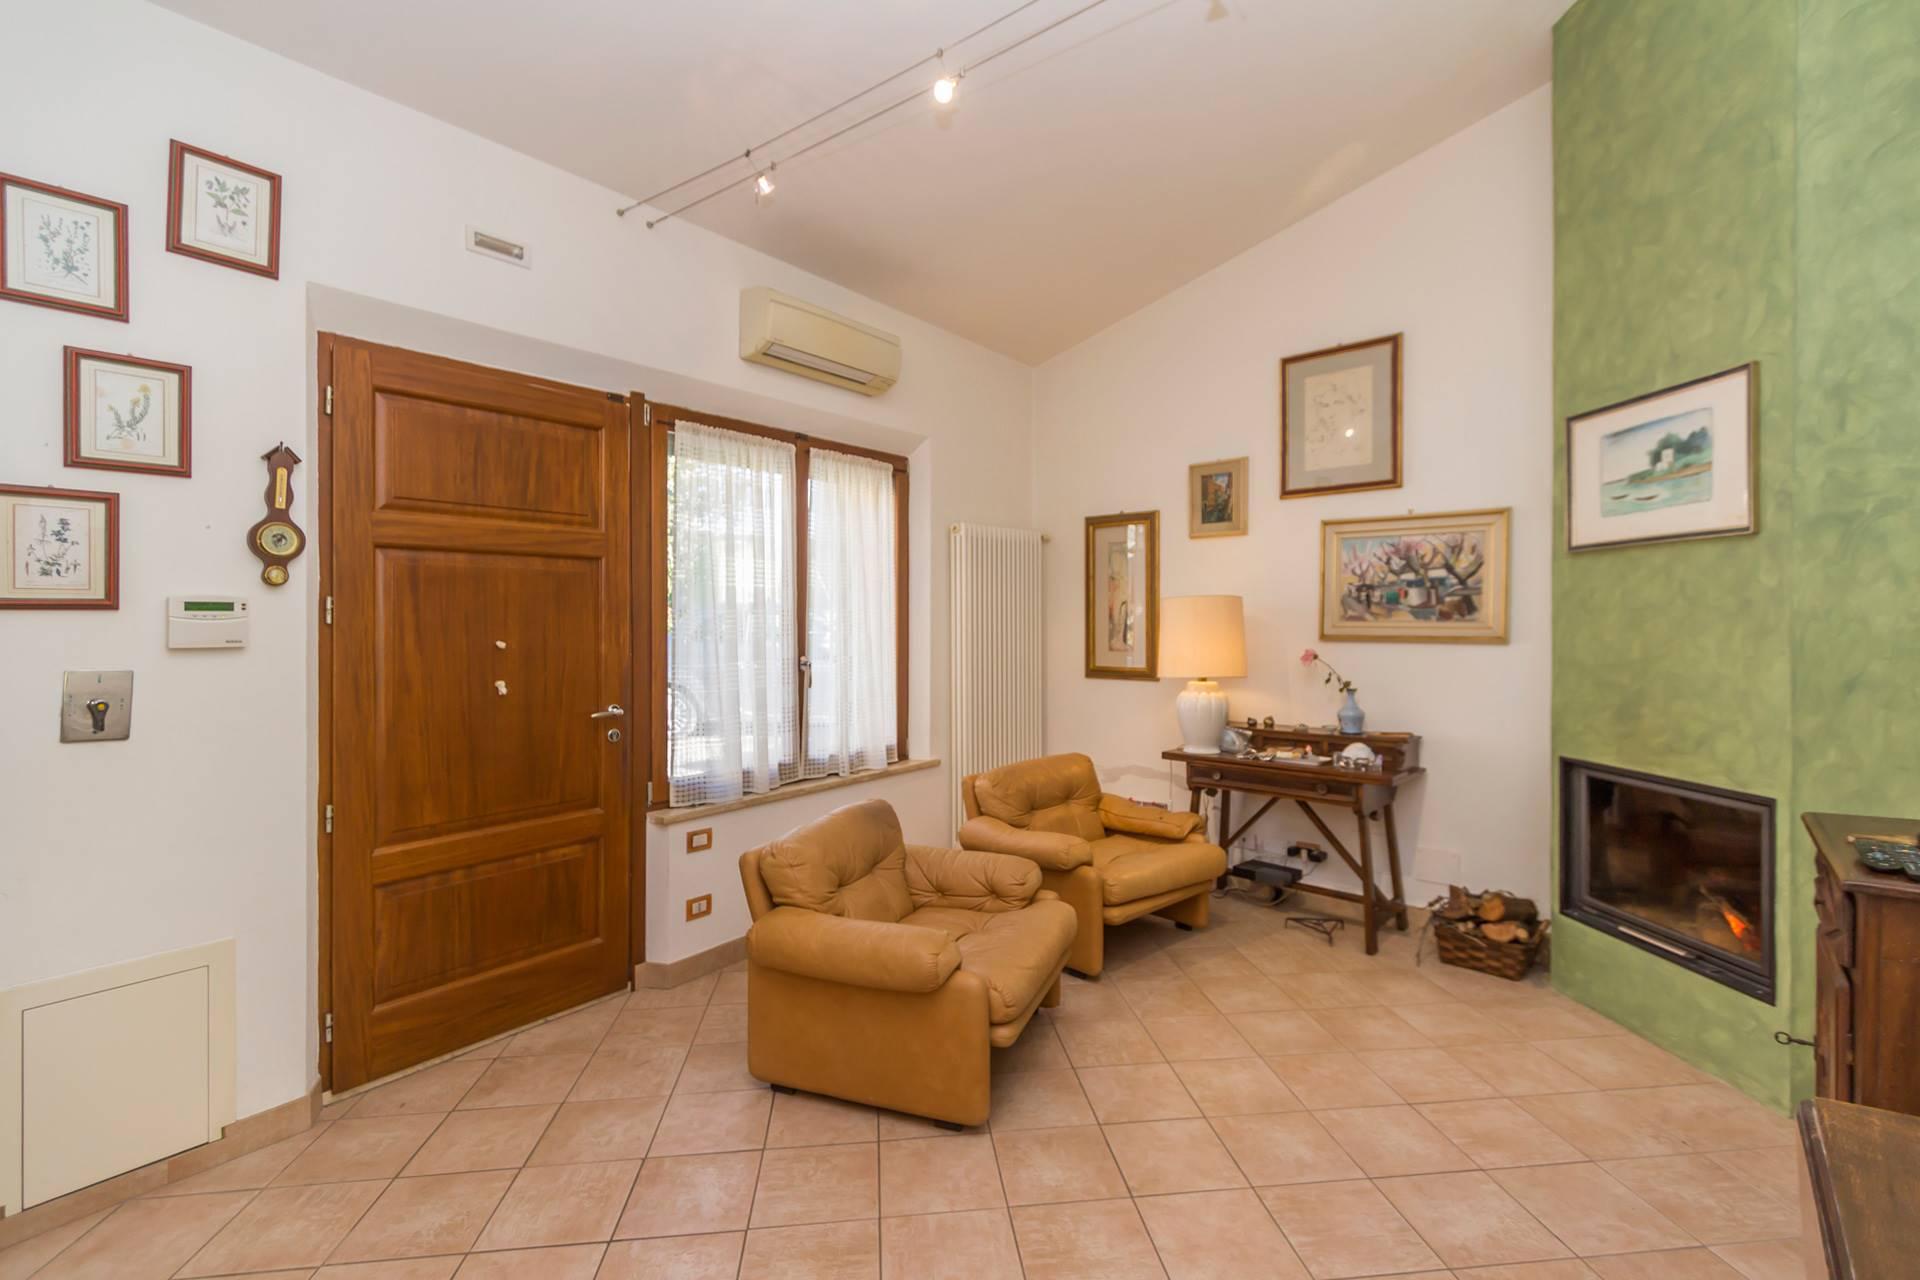 A 5 km dal centro di Siena, offriamo in vendita una capanna indipendente con ingresso carrabile da cancello privato, resede con posto auto e giardinetto che completa la proprietà. Al suo interno si